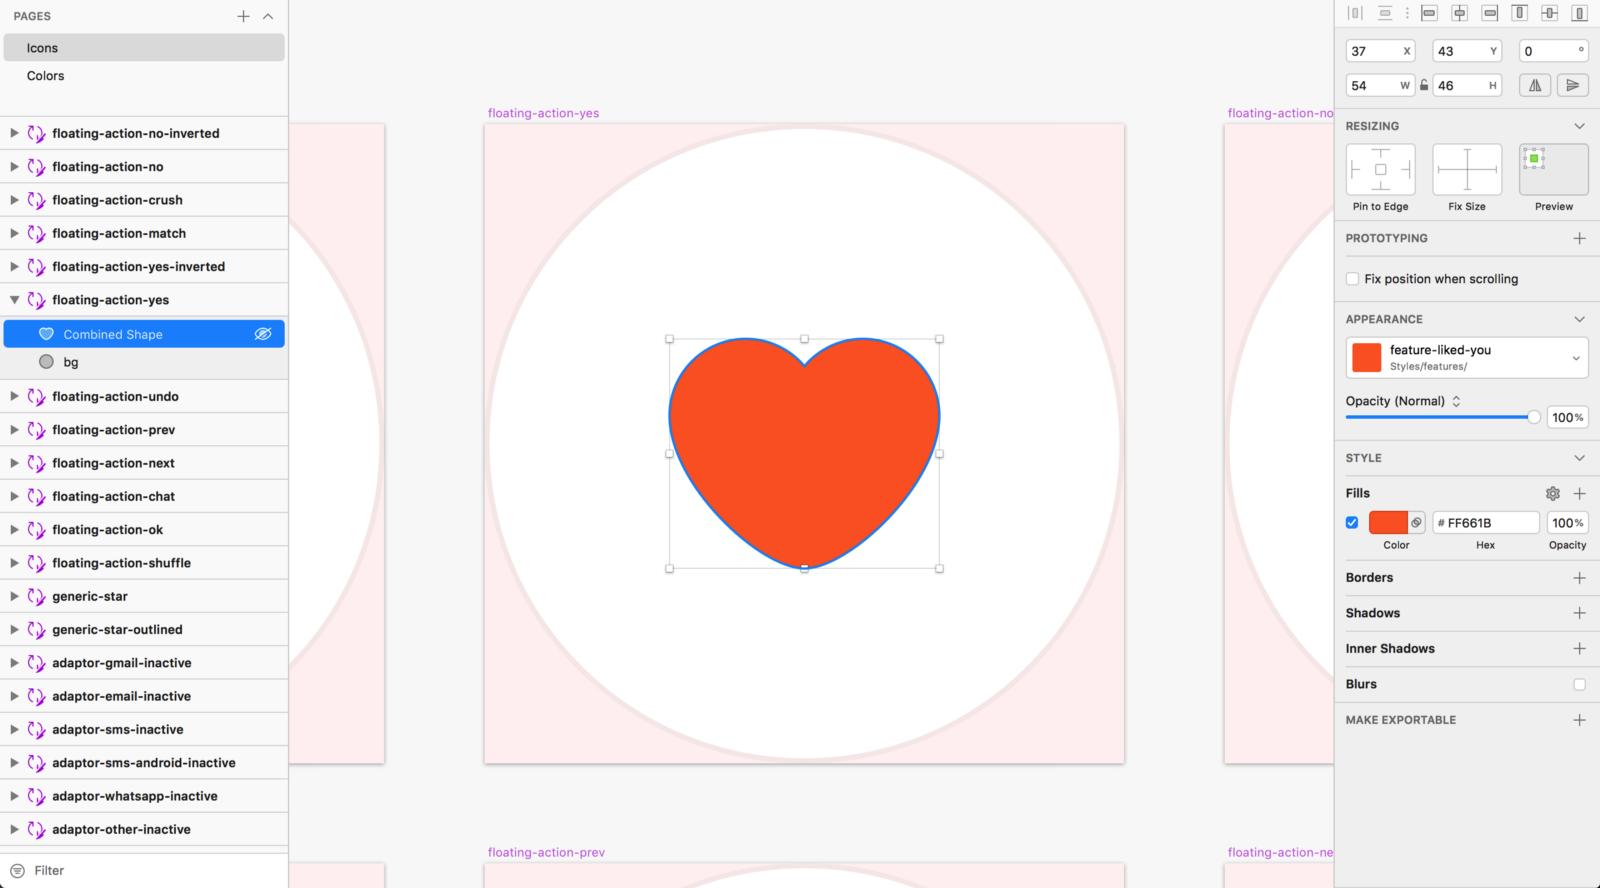 Sketch + Node.js: генерируем иконки для множества платформ и брендов - 8